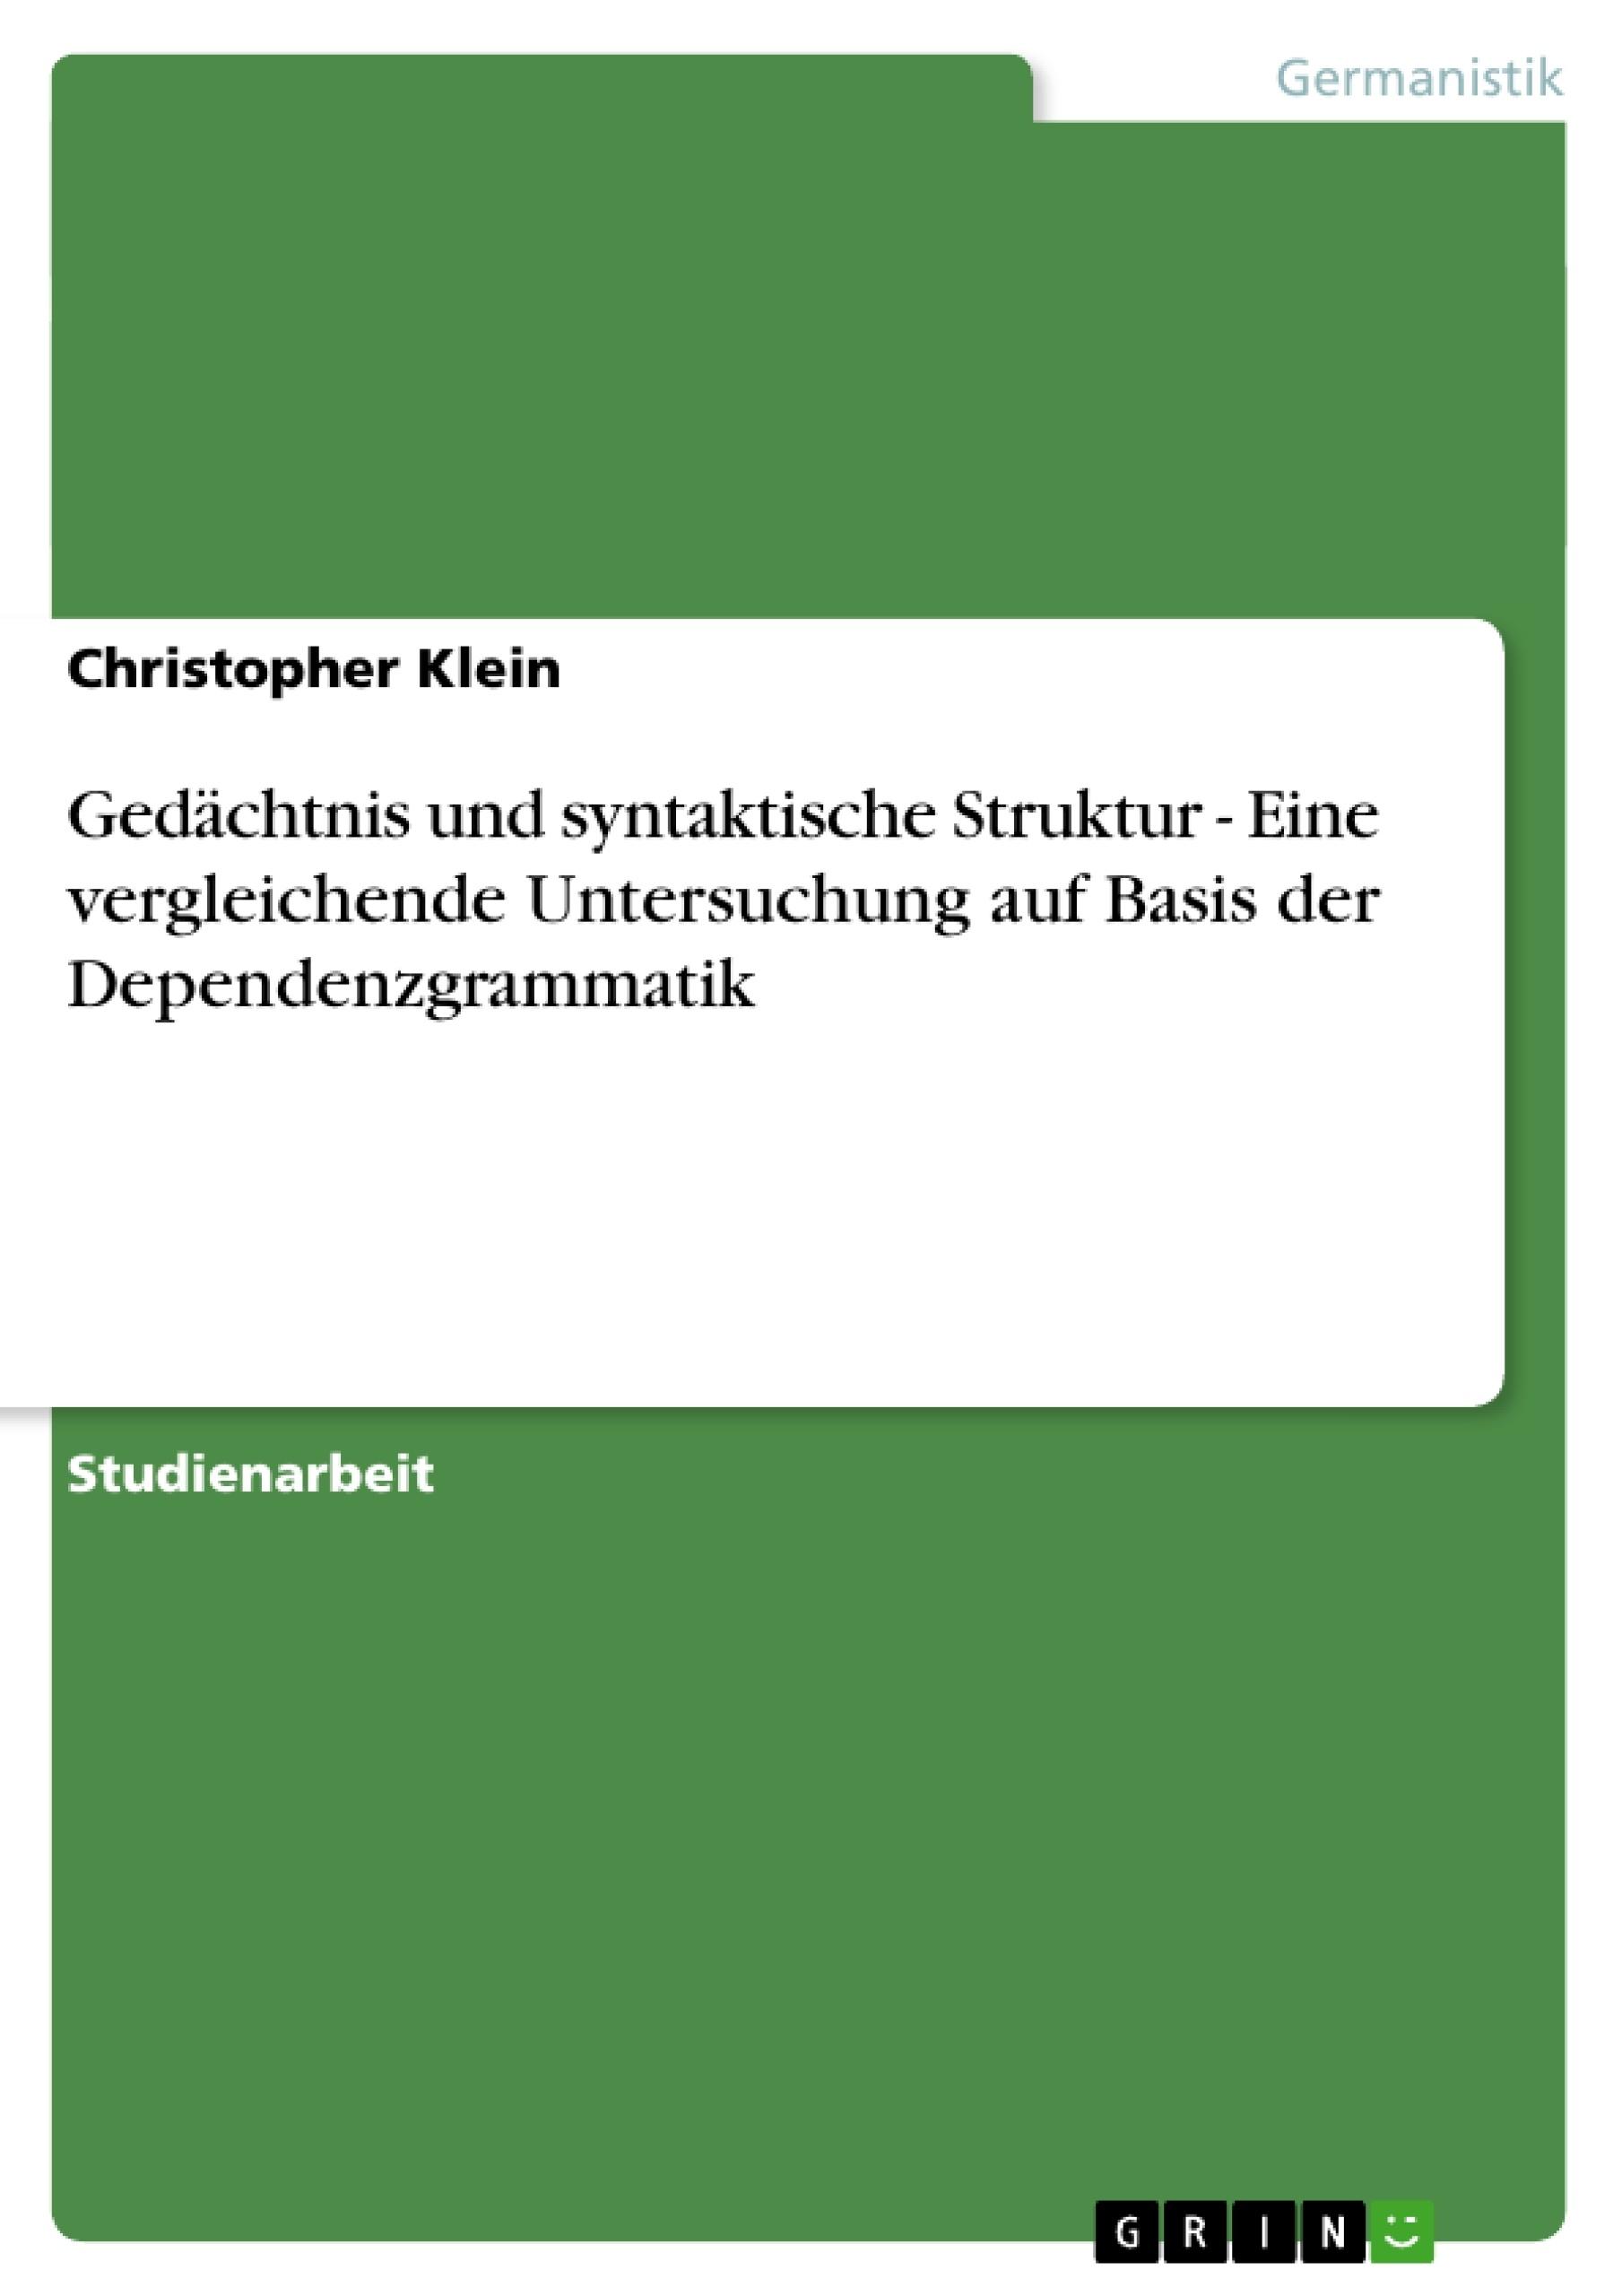 Titel: Gedächtnis und syntaktische Struktur - Eine vergleichende Untersuchung auf Basis der Dependenzgrammatik